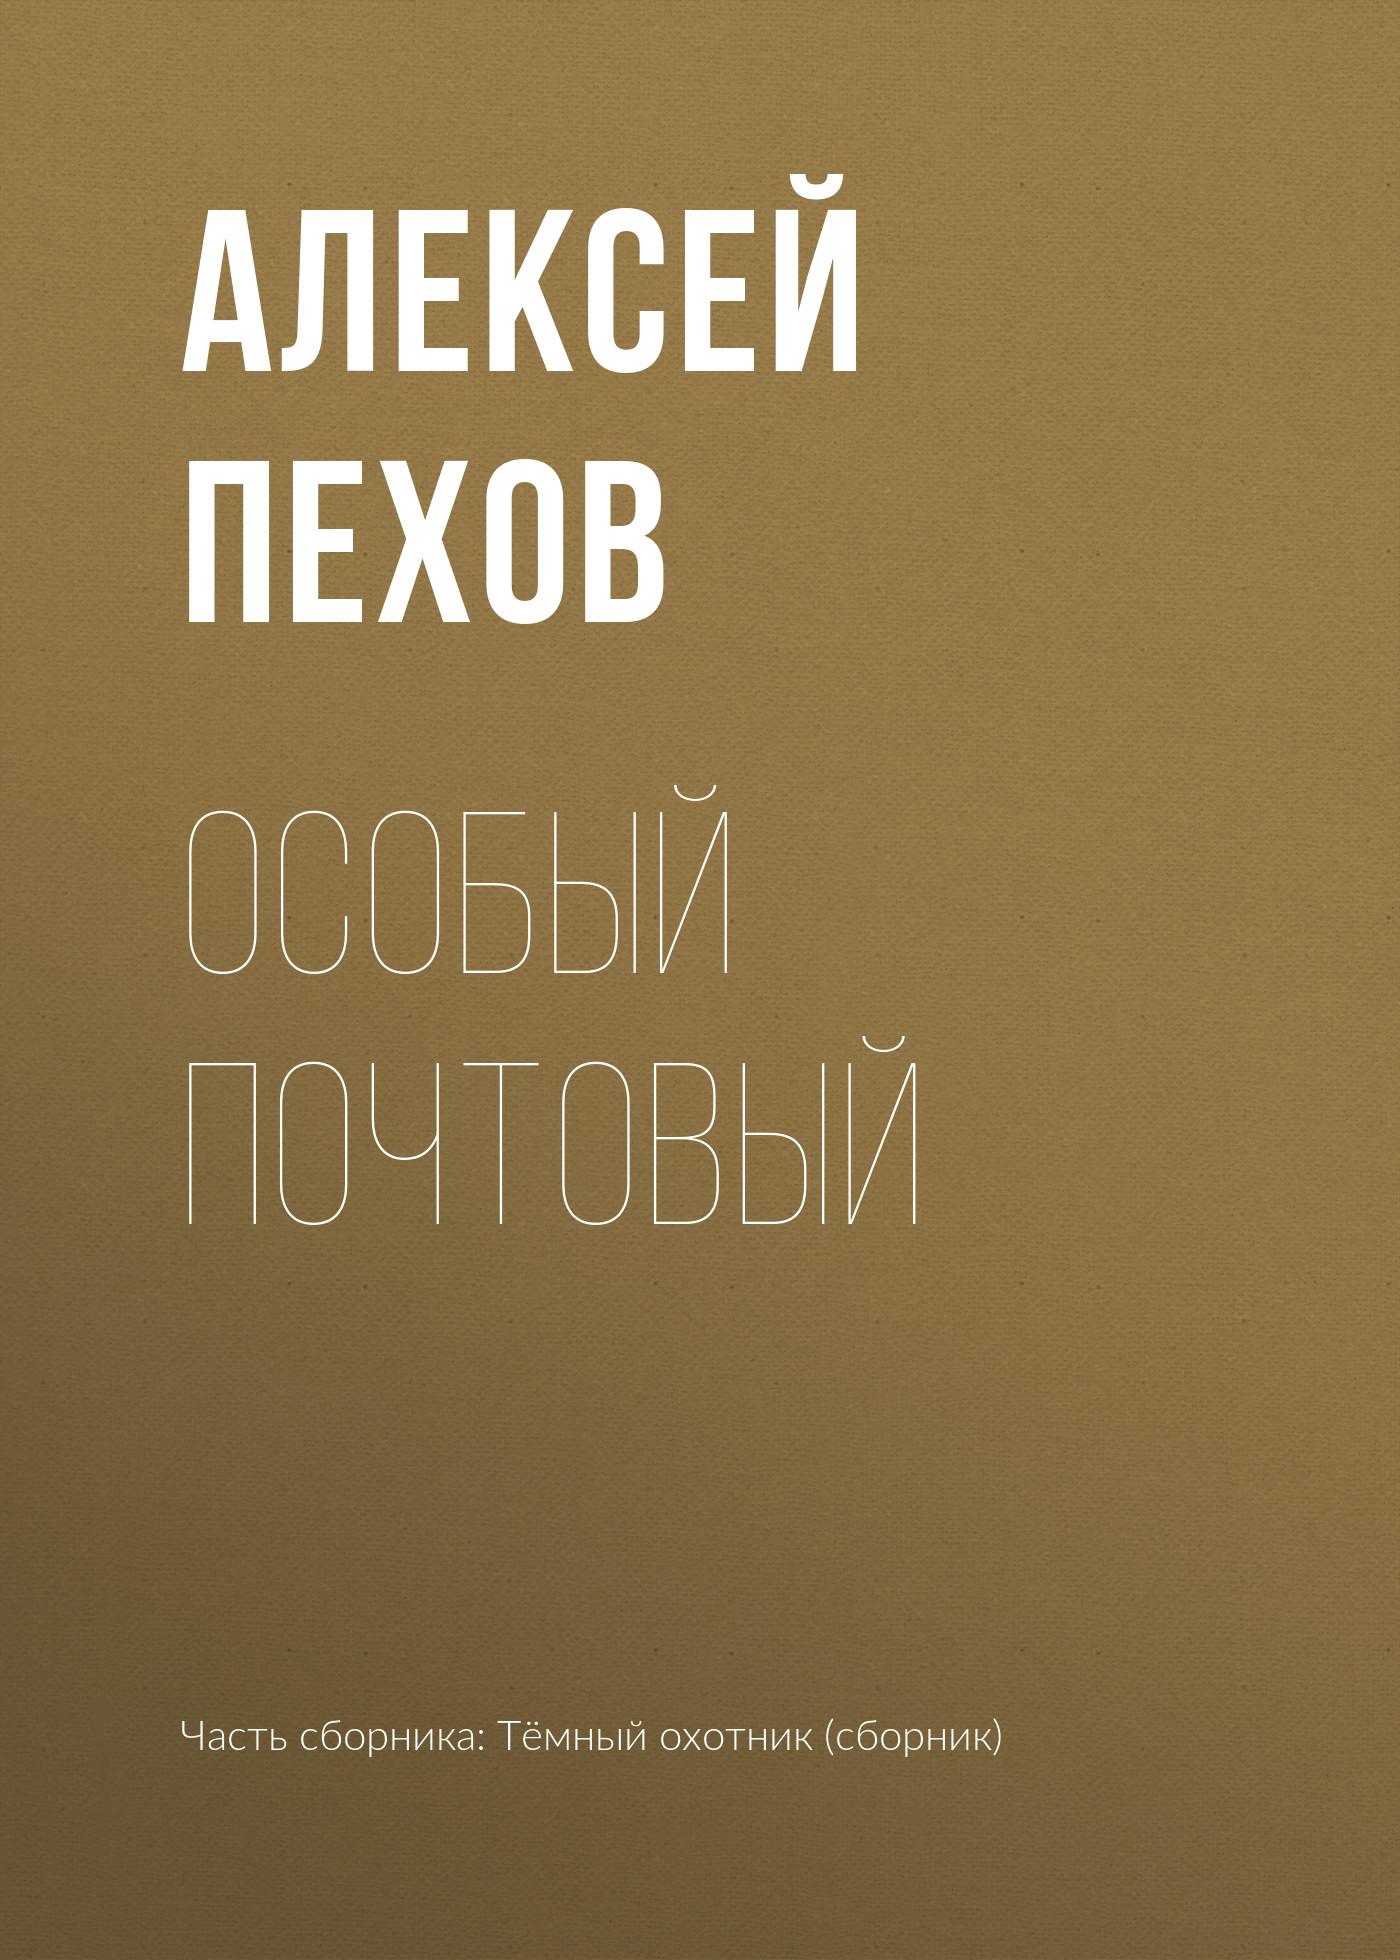 Алексей Пехов «Особый почтовый»